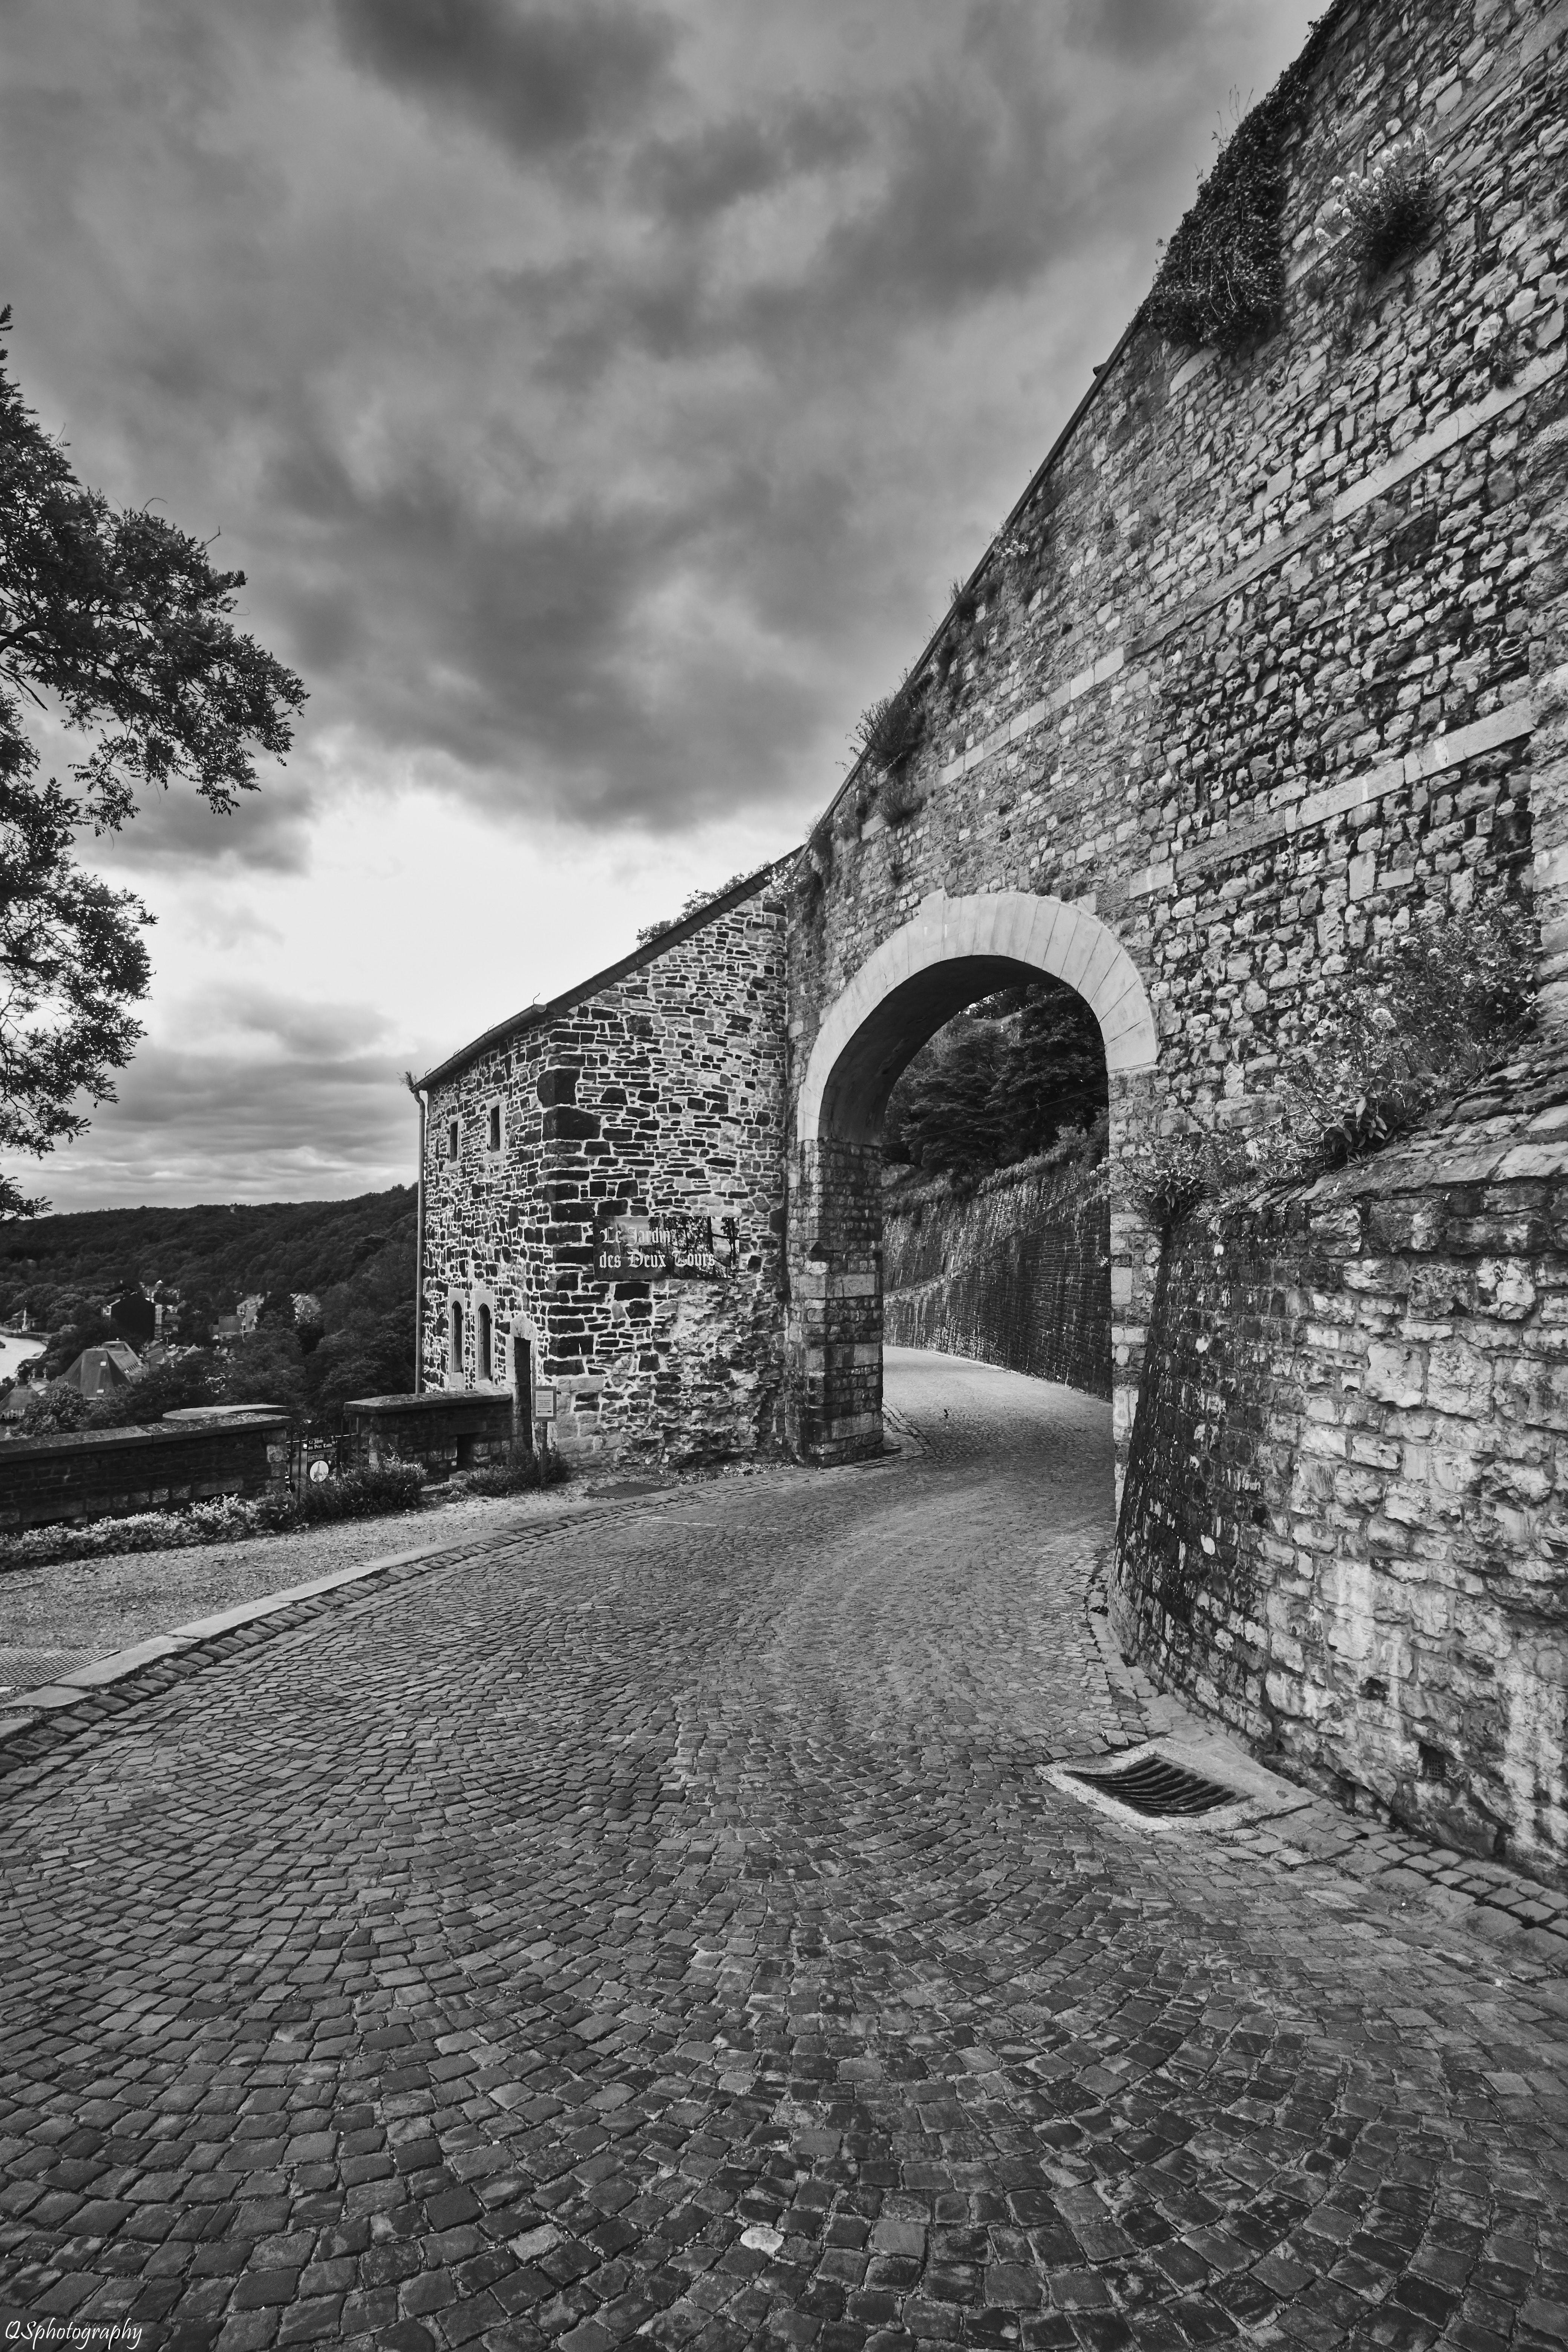 Photographie en noir et blanc de l'arche en pierre pour accéder à la citadelle de Namur